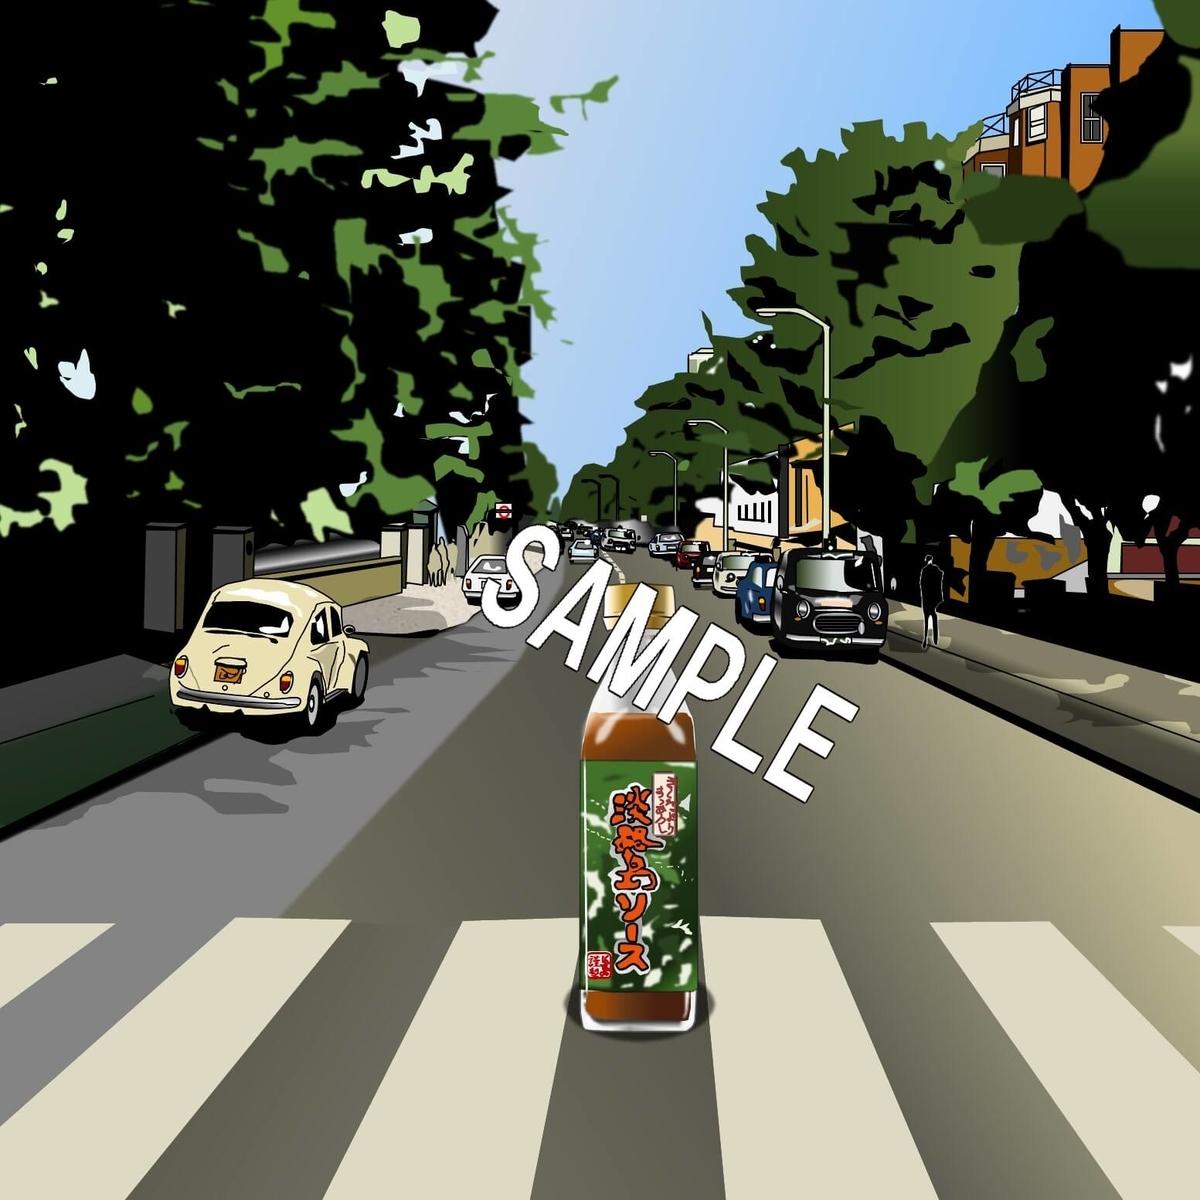 浜田屋本店「淡路島ソース」のエクセル画イラストアビーロード篇サンプル